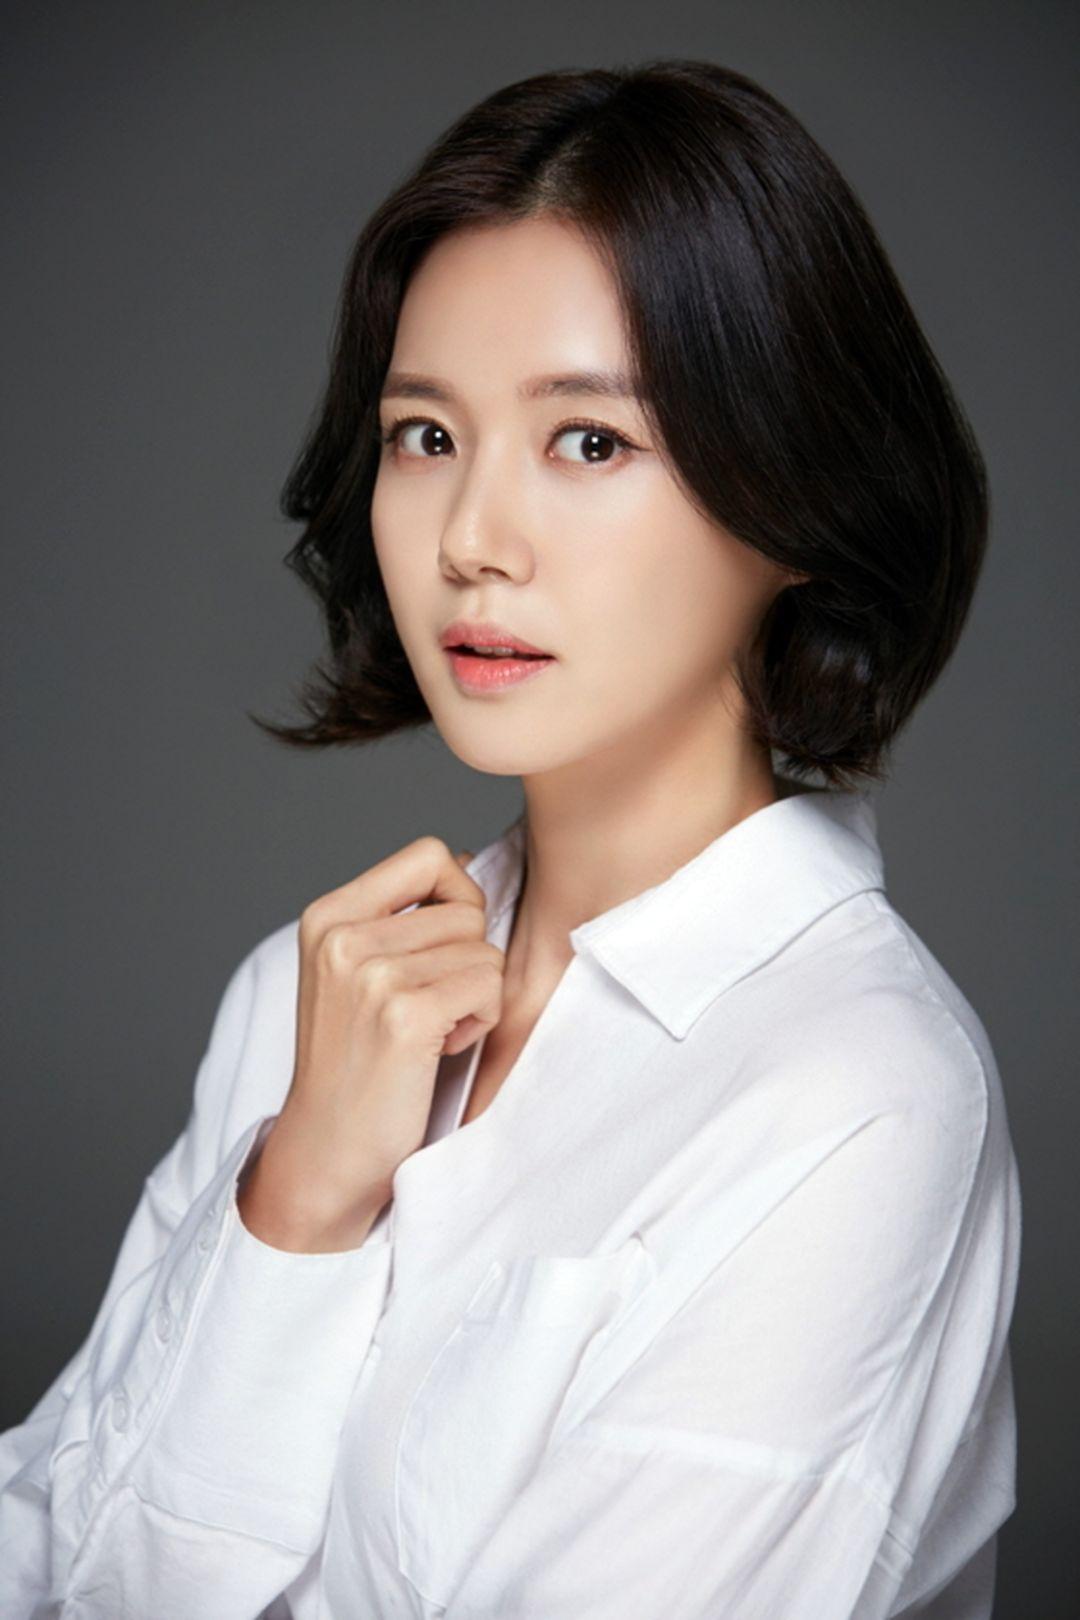 Kang Se Jung